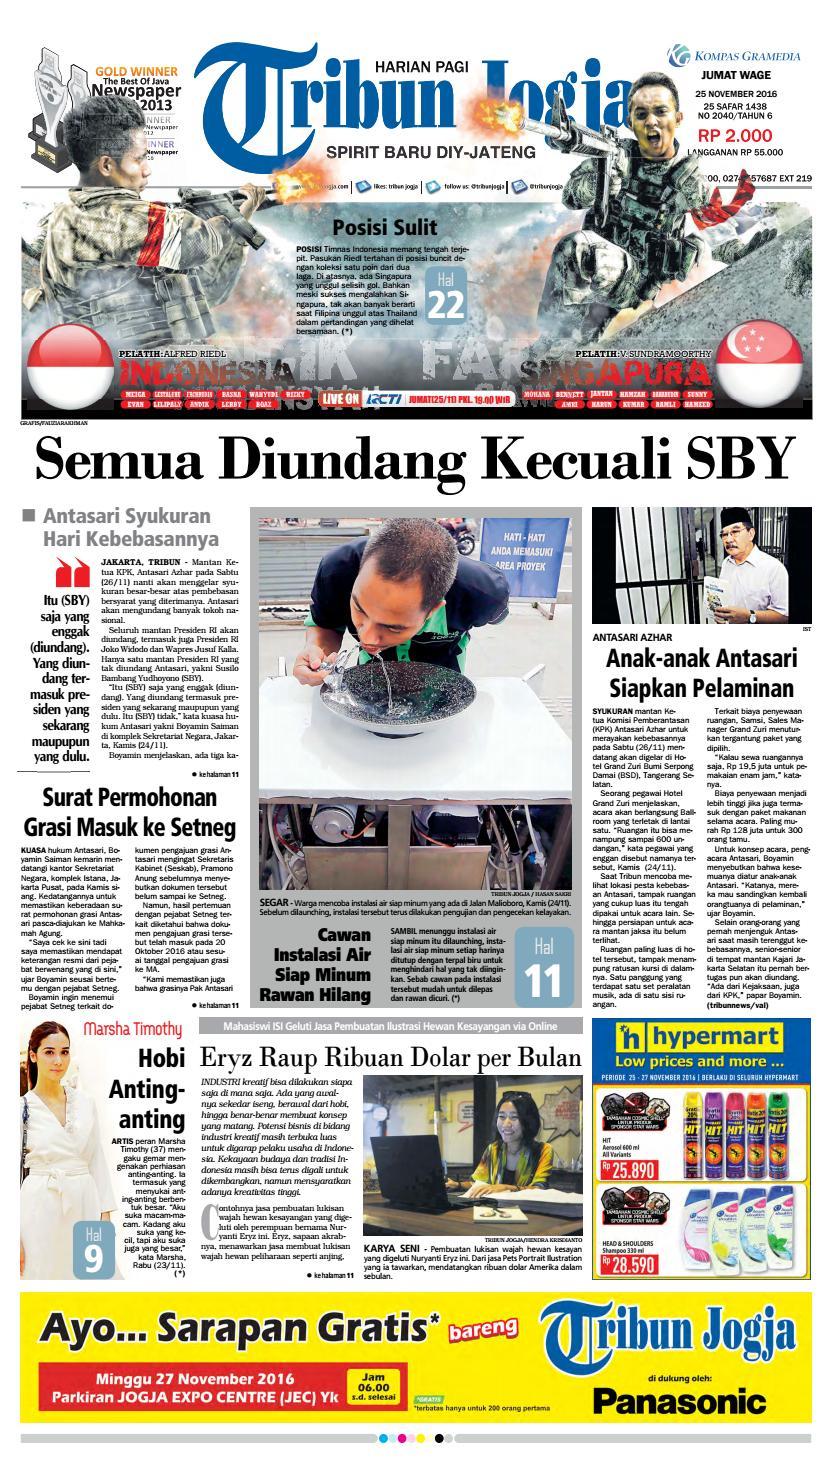 Tribunjogja 25 11 2016 By Tribun Jogja Issuu Produk Ukm Bumn Pusaka Coffee 15 Pcs Kopi Herbal Nusantara Free Ongkir Depok Ampamp Jakarta